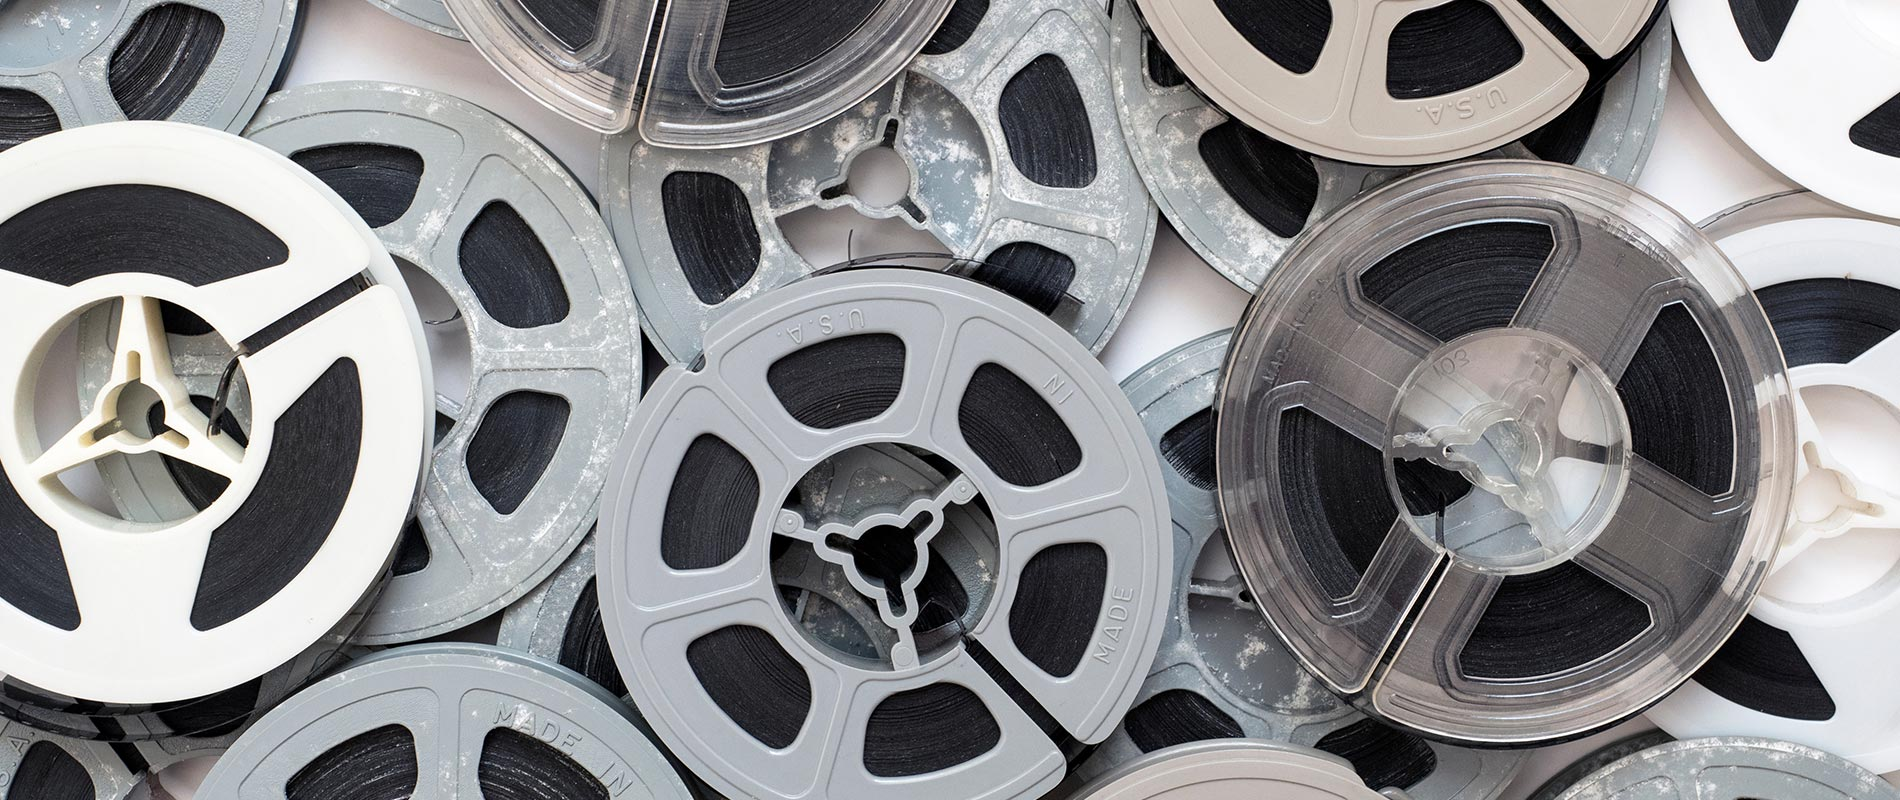 pile of 8mm film reels